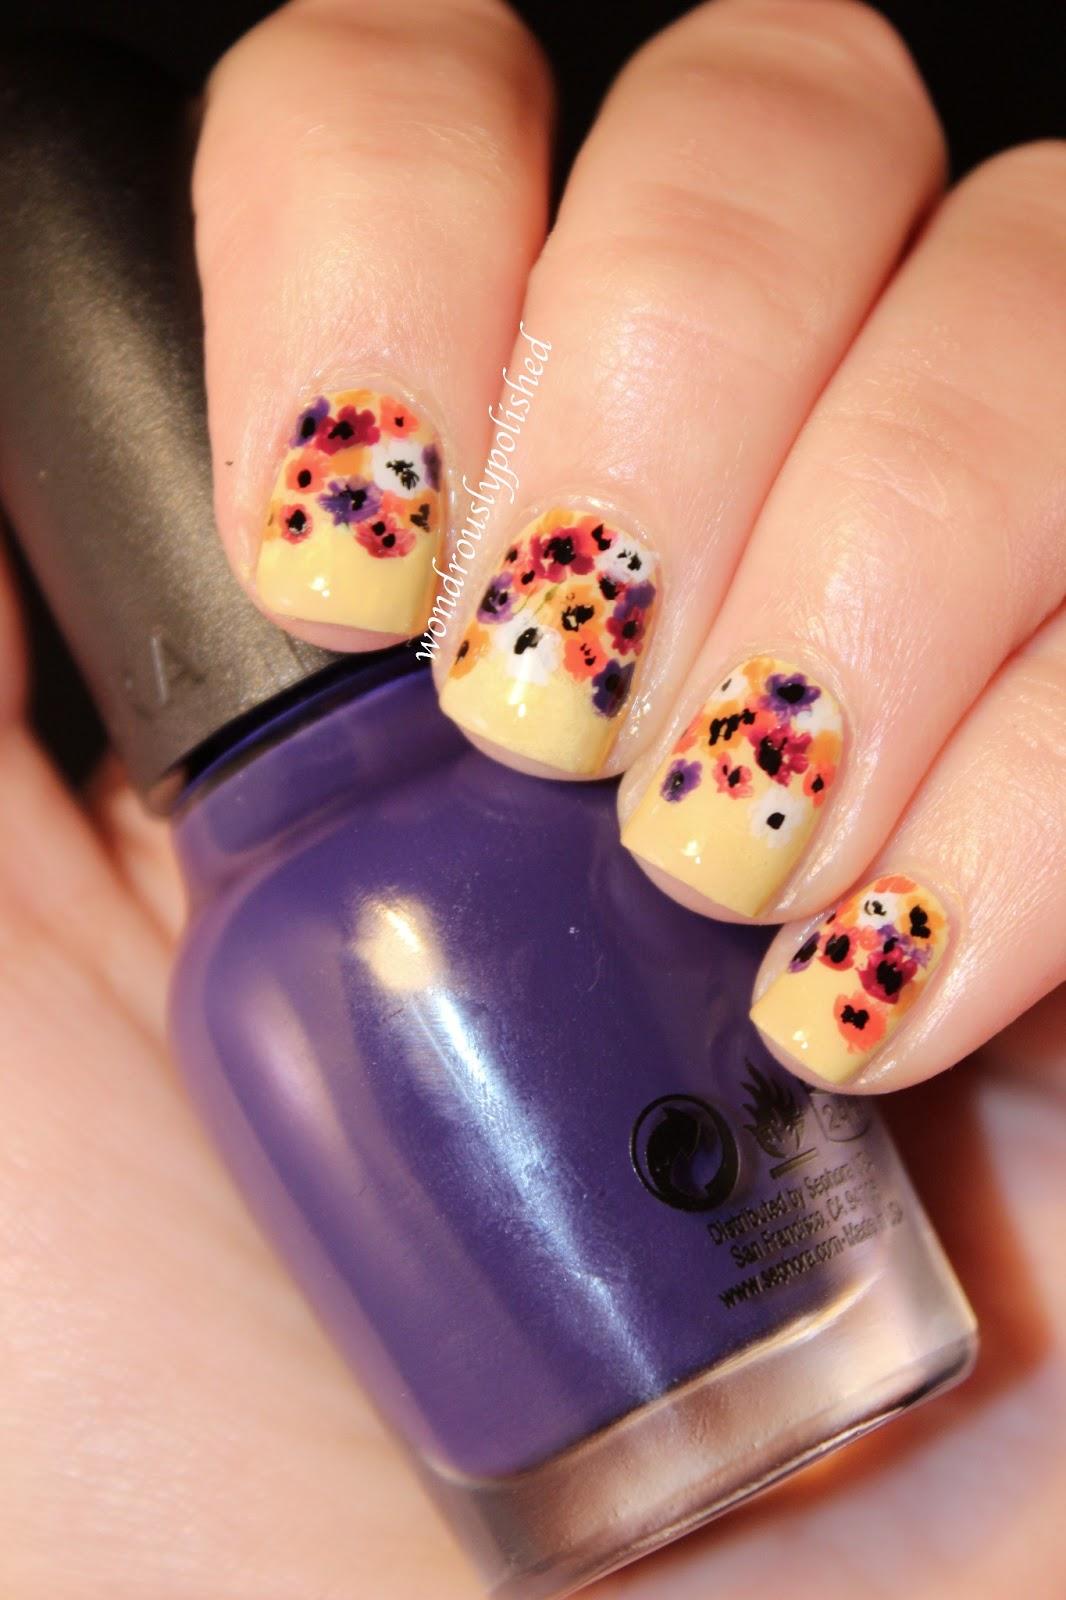 Wondrously Polished February Nail Art Challenge Day 2 Flowers